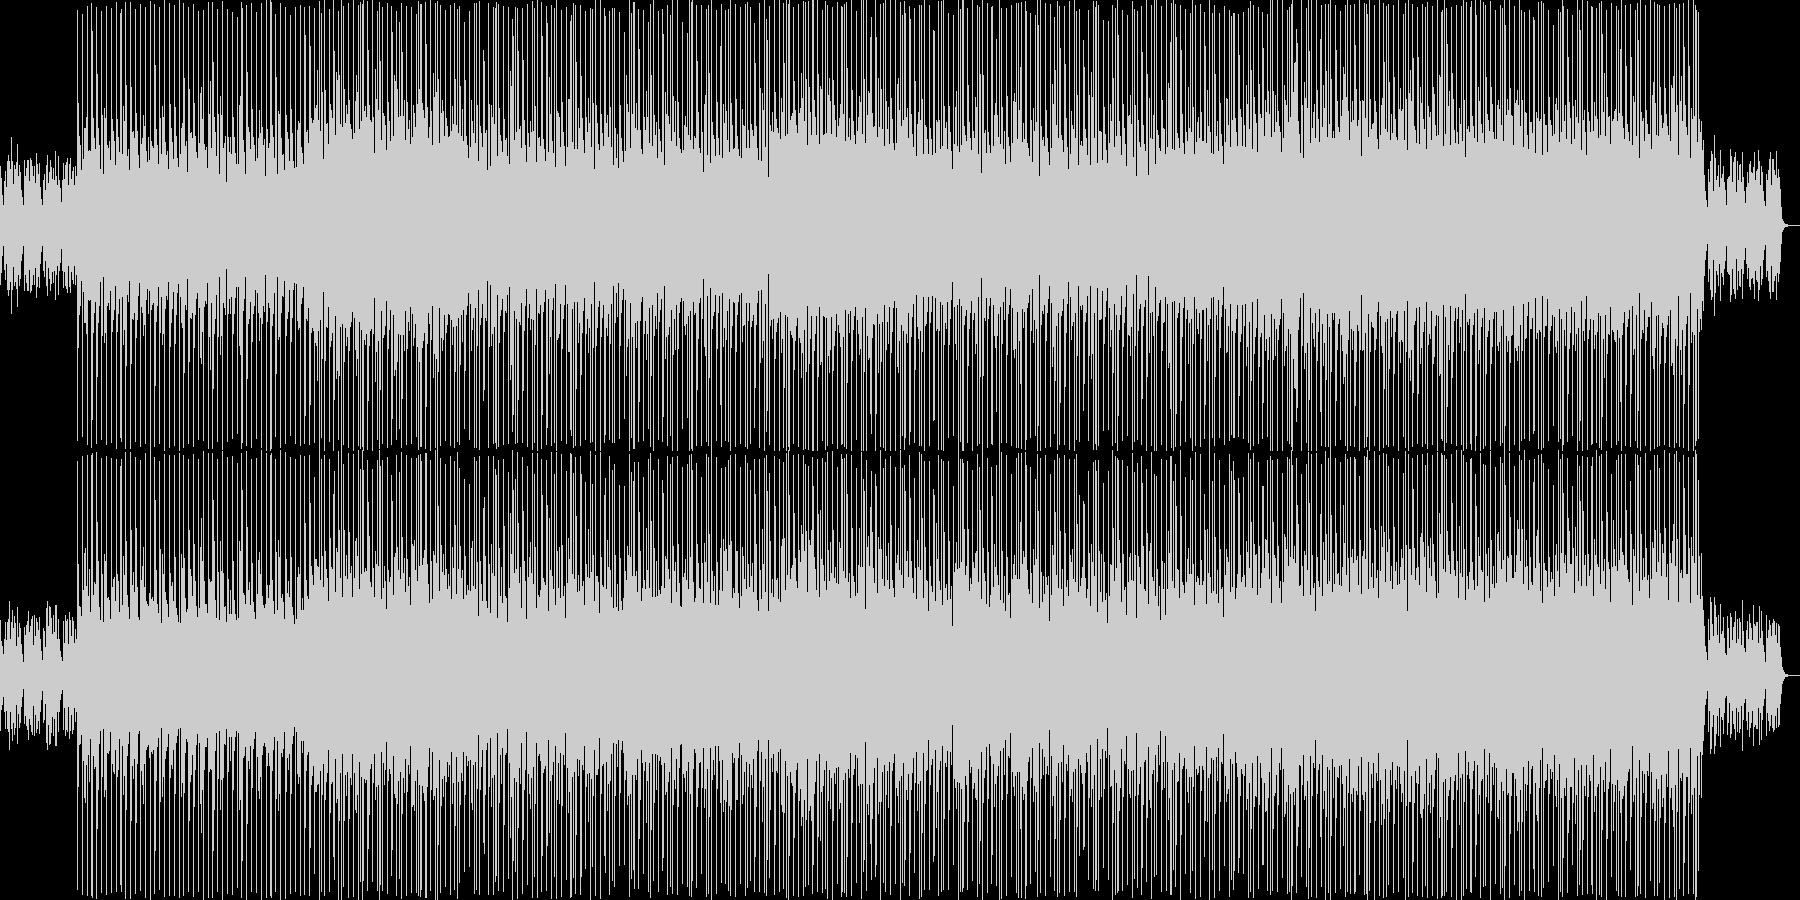 トランペットが印象的な夏の朝ソングの未再生の波形